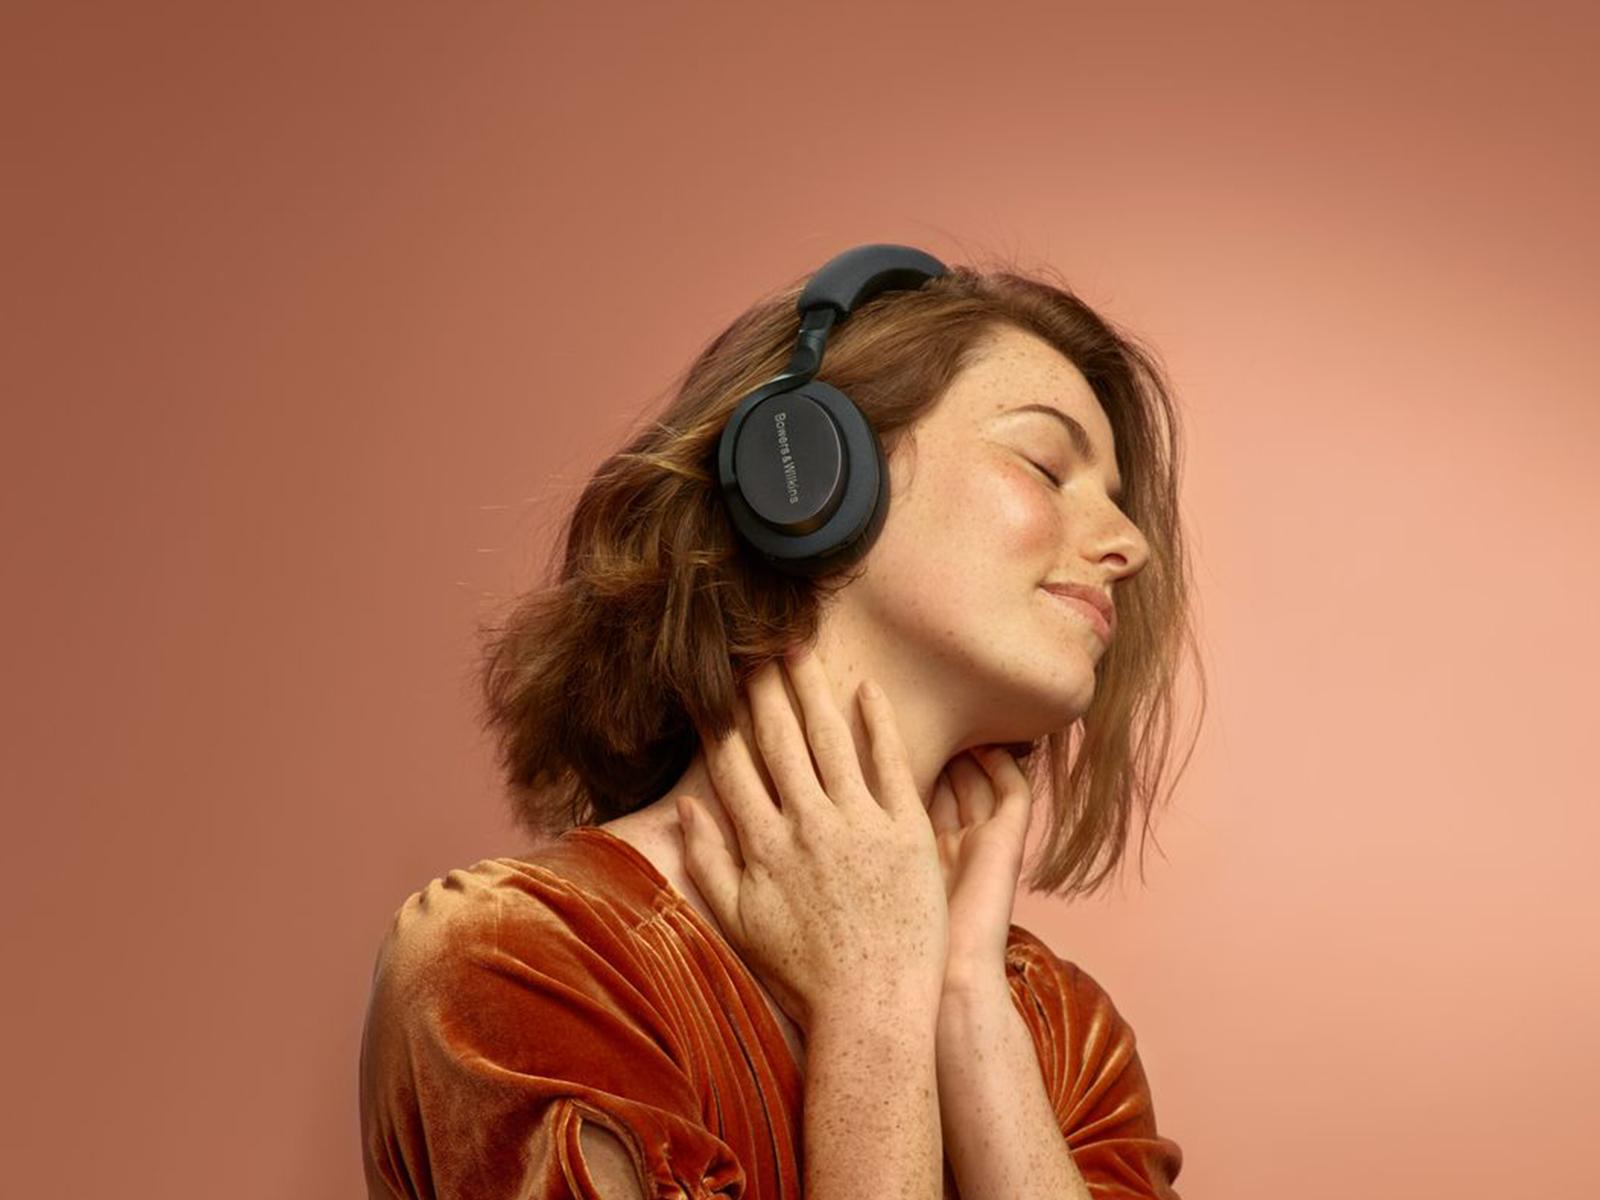 Recensione Bowers & Wilkins PX5, musica ricca in vestito da sera